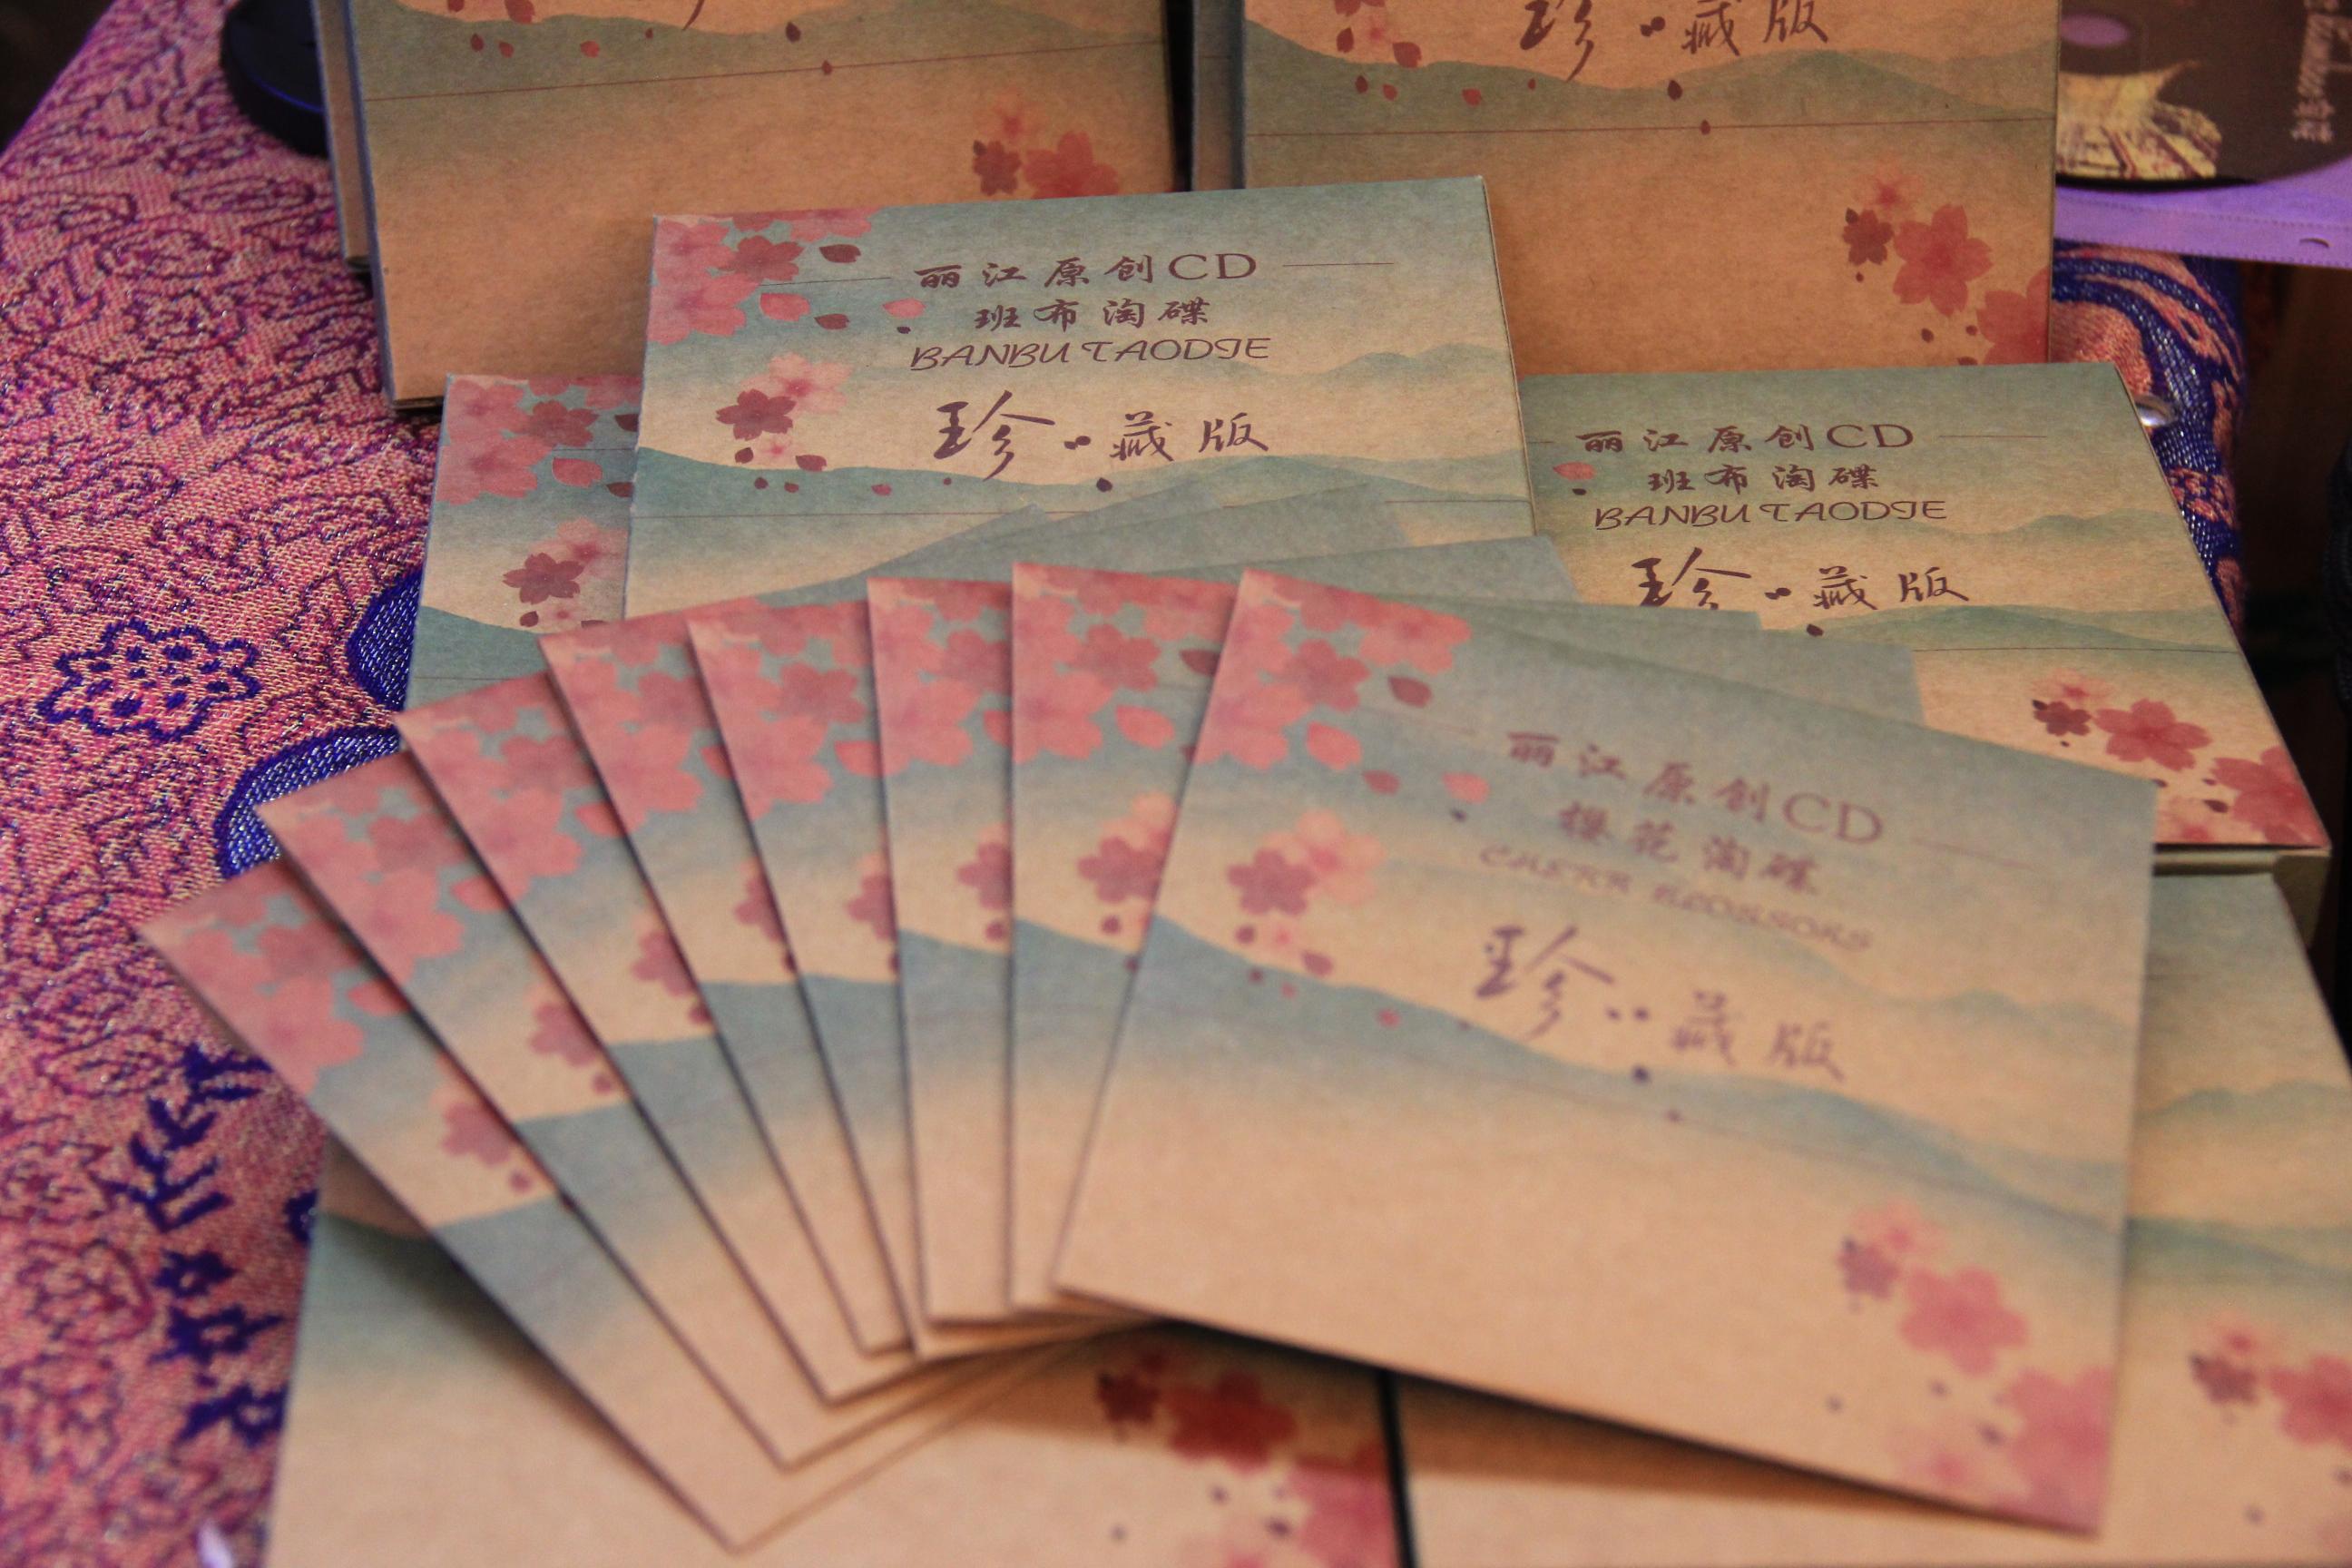 我的小宝贝夏天播放手鼓丽江原创歌手车载音乐cd图片